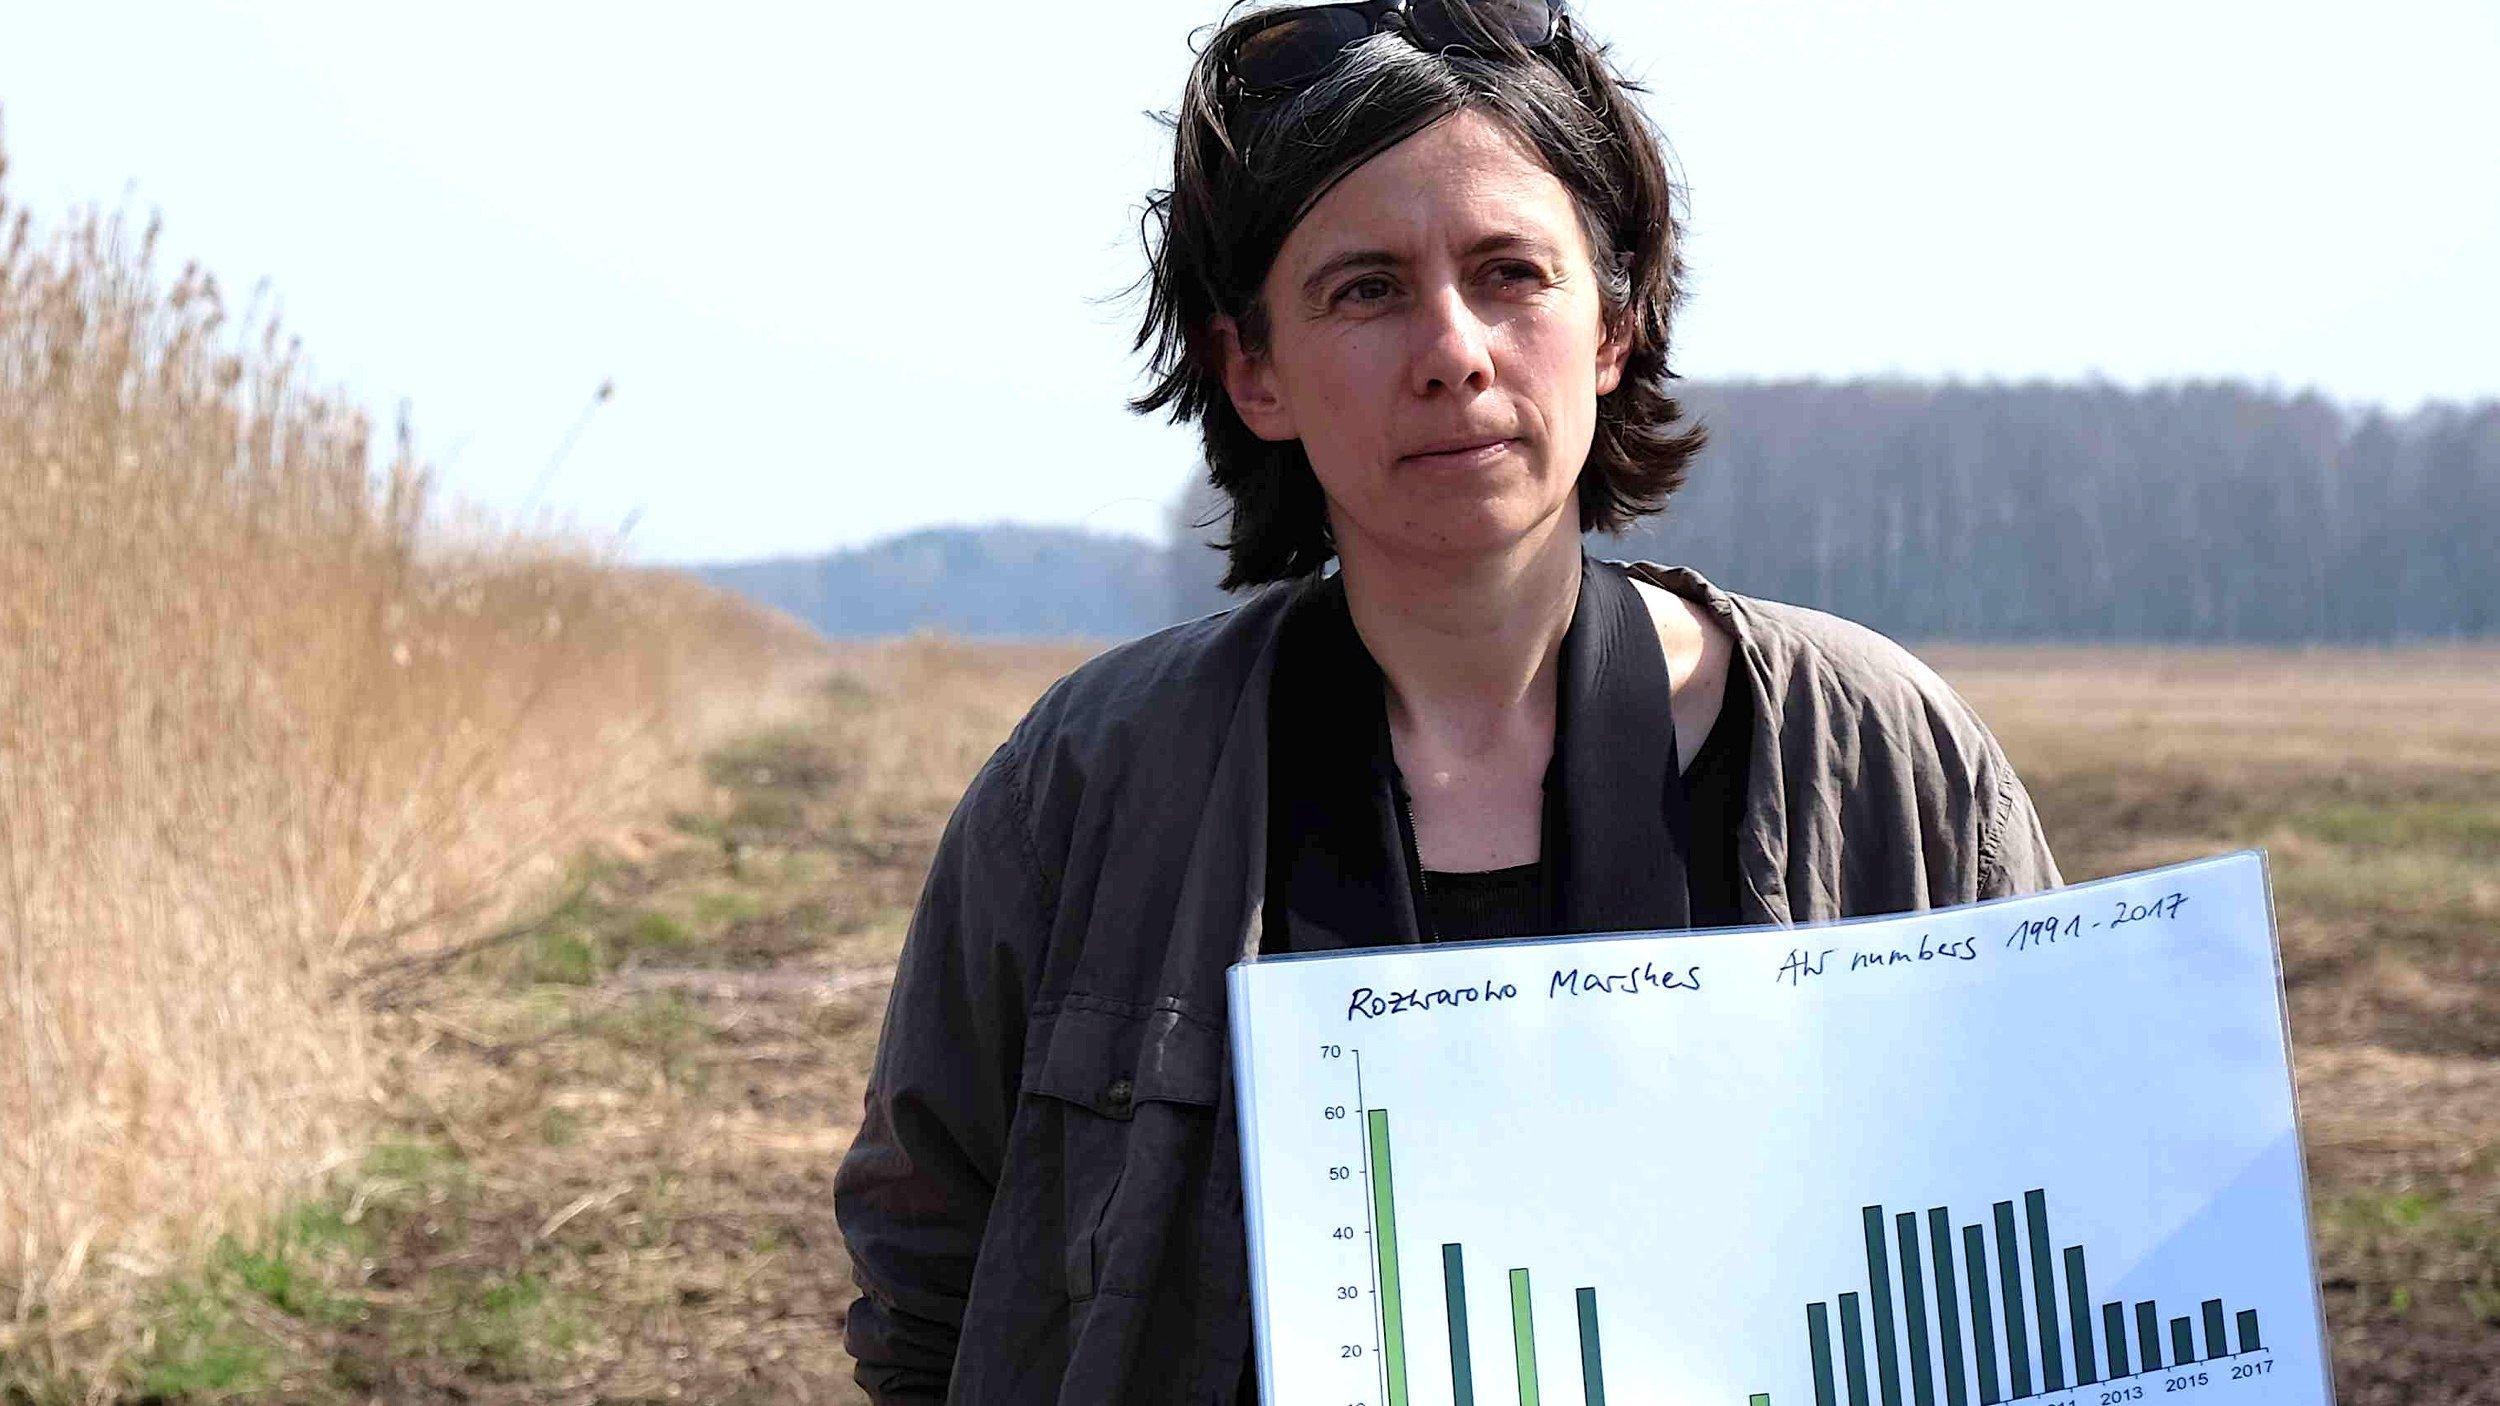 Foto von der Ornithologin und Moorexpertin Franziska Tanneberger. In der Hand hält sie ein Diagramm.